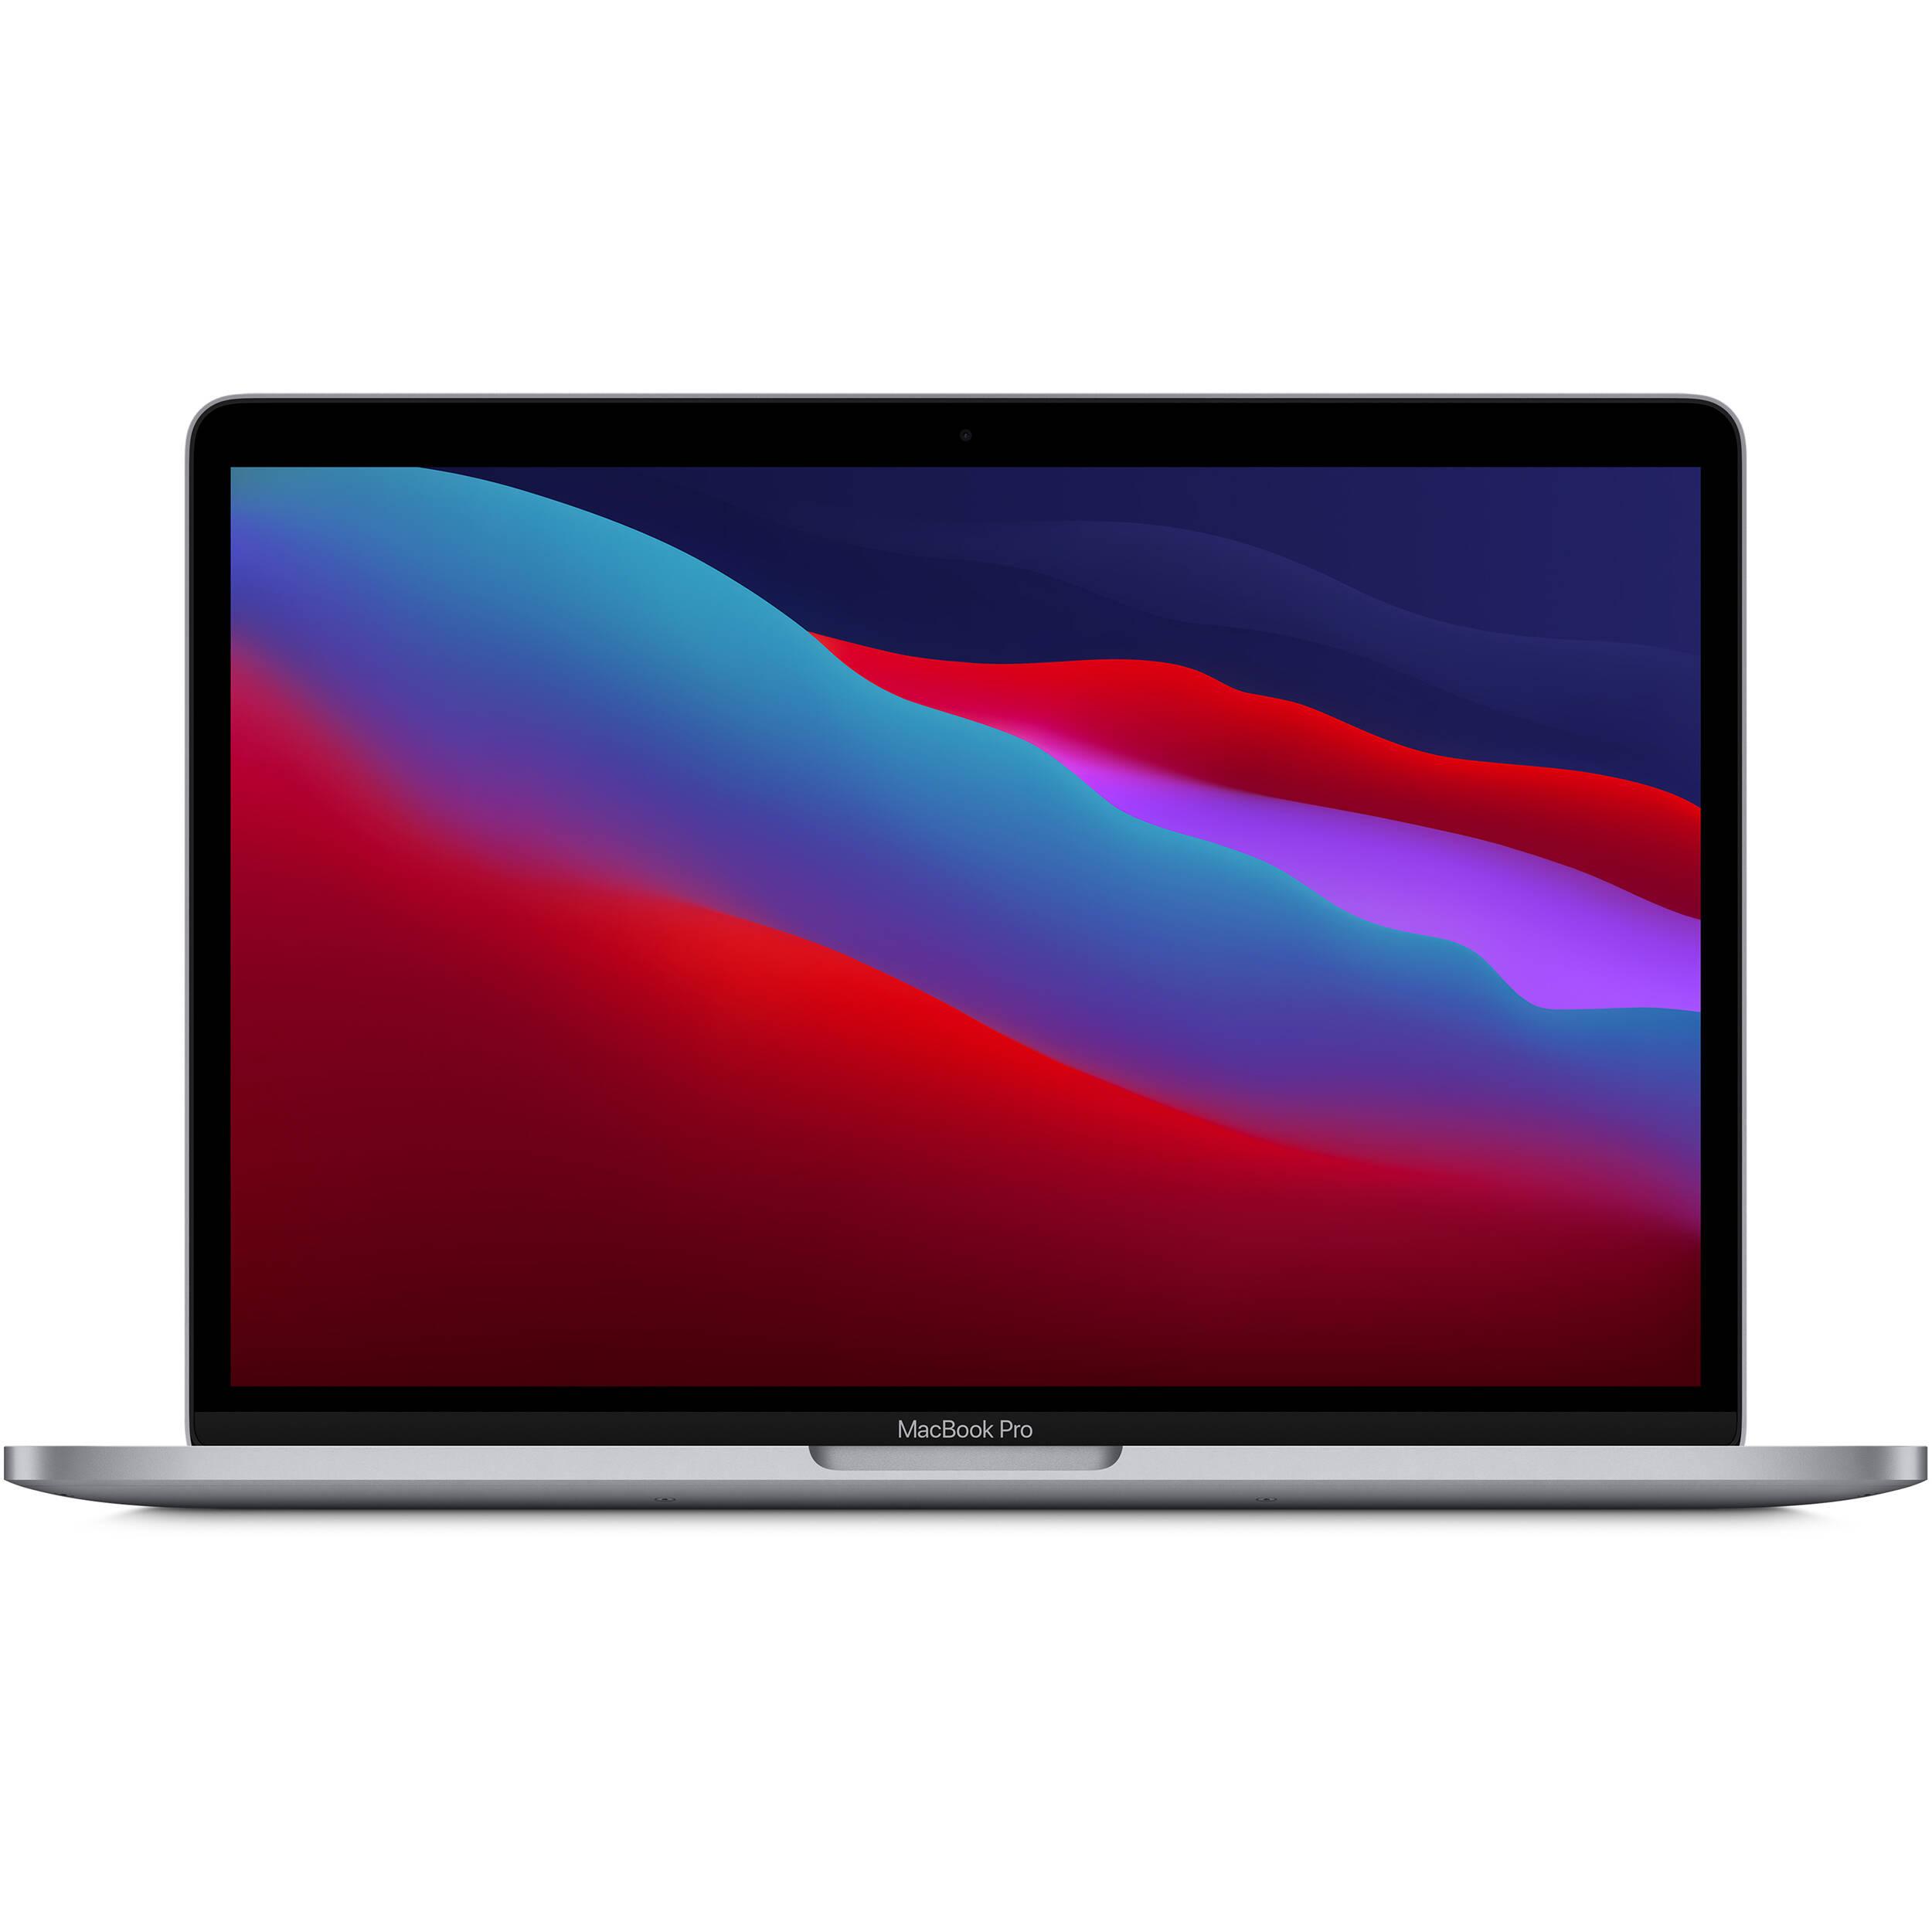 فروش نقدی و اقساطی لپ تاپ 13 اینچی اپل مدل MacBook Pro MYD92 2020 همراه با تاچ بار